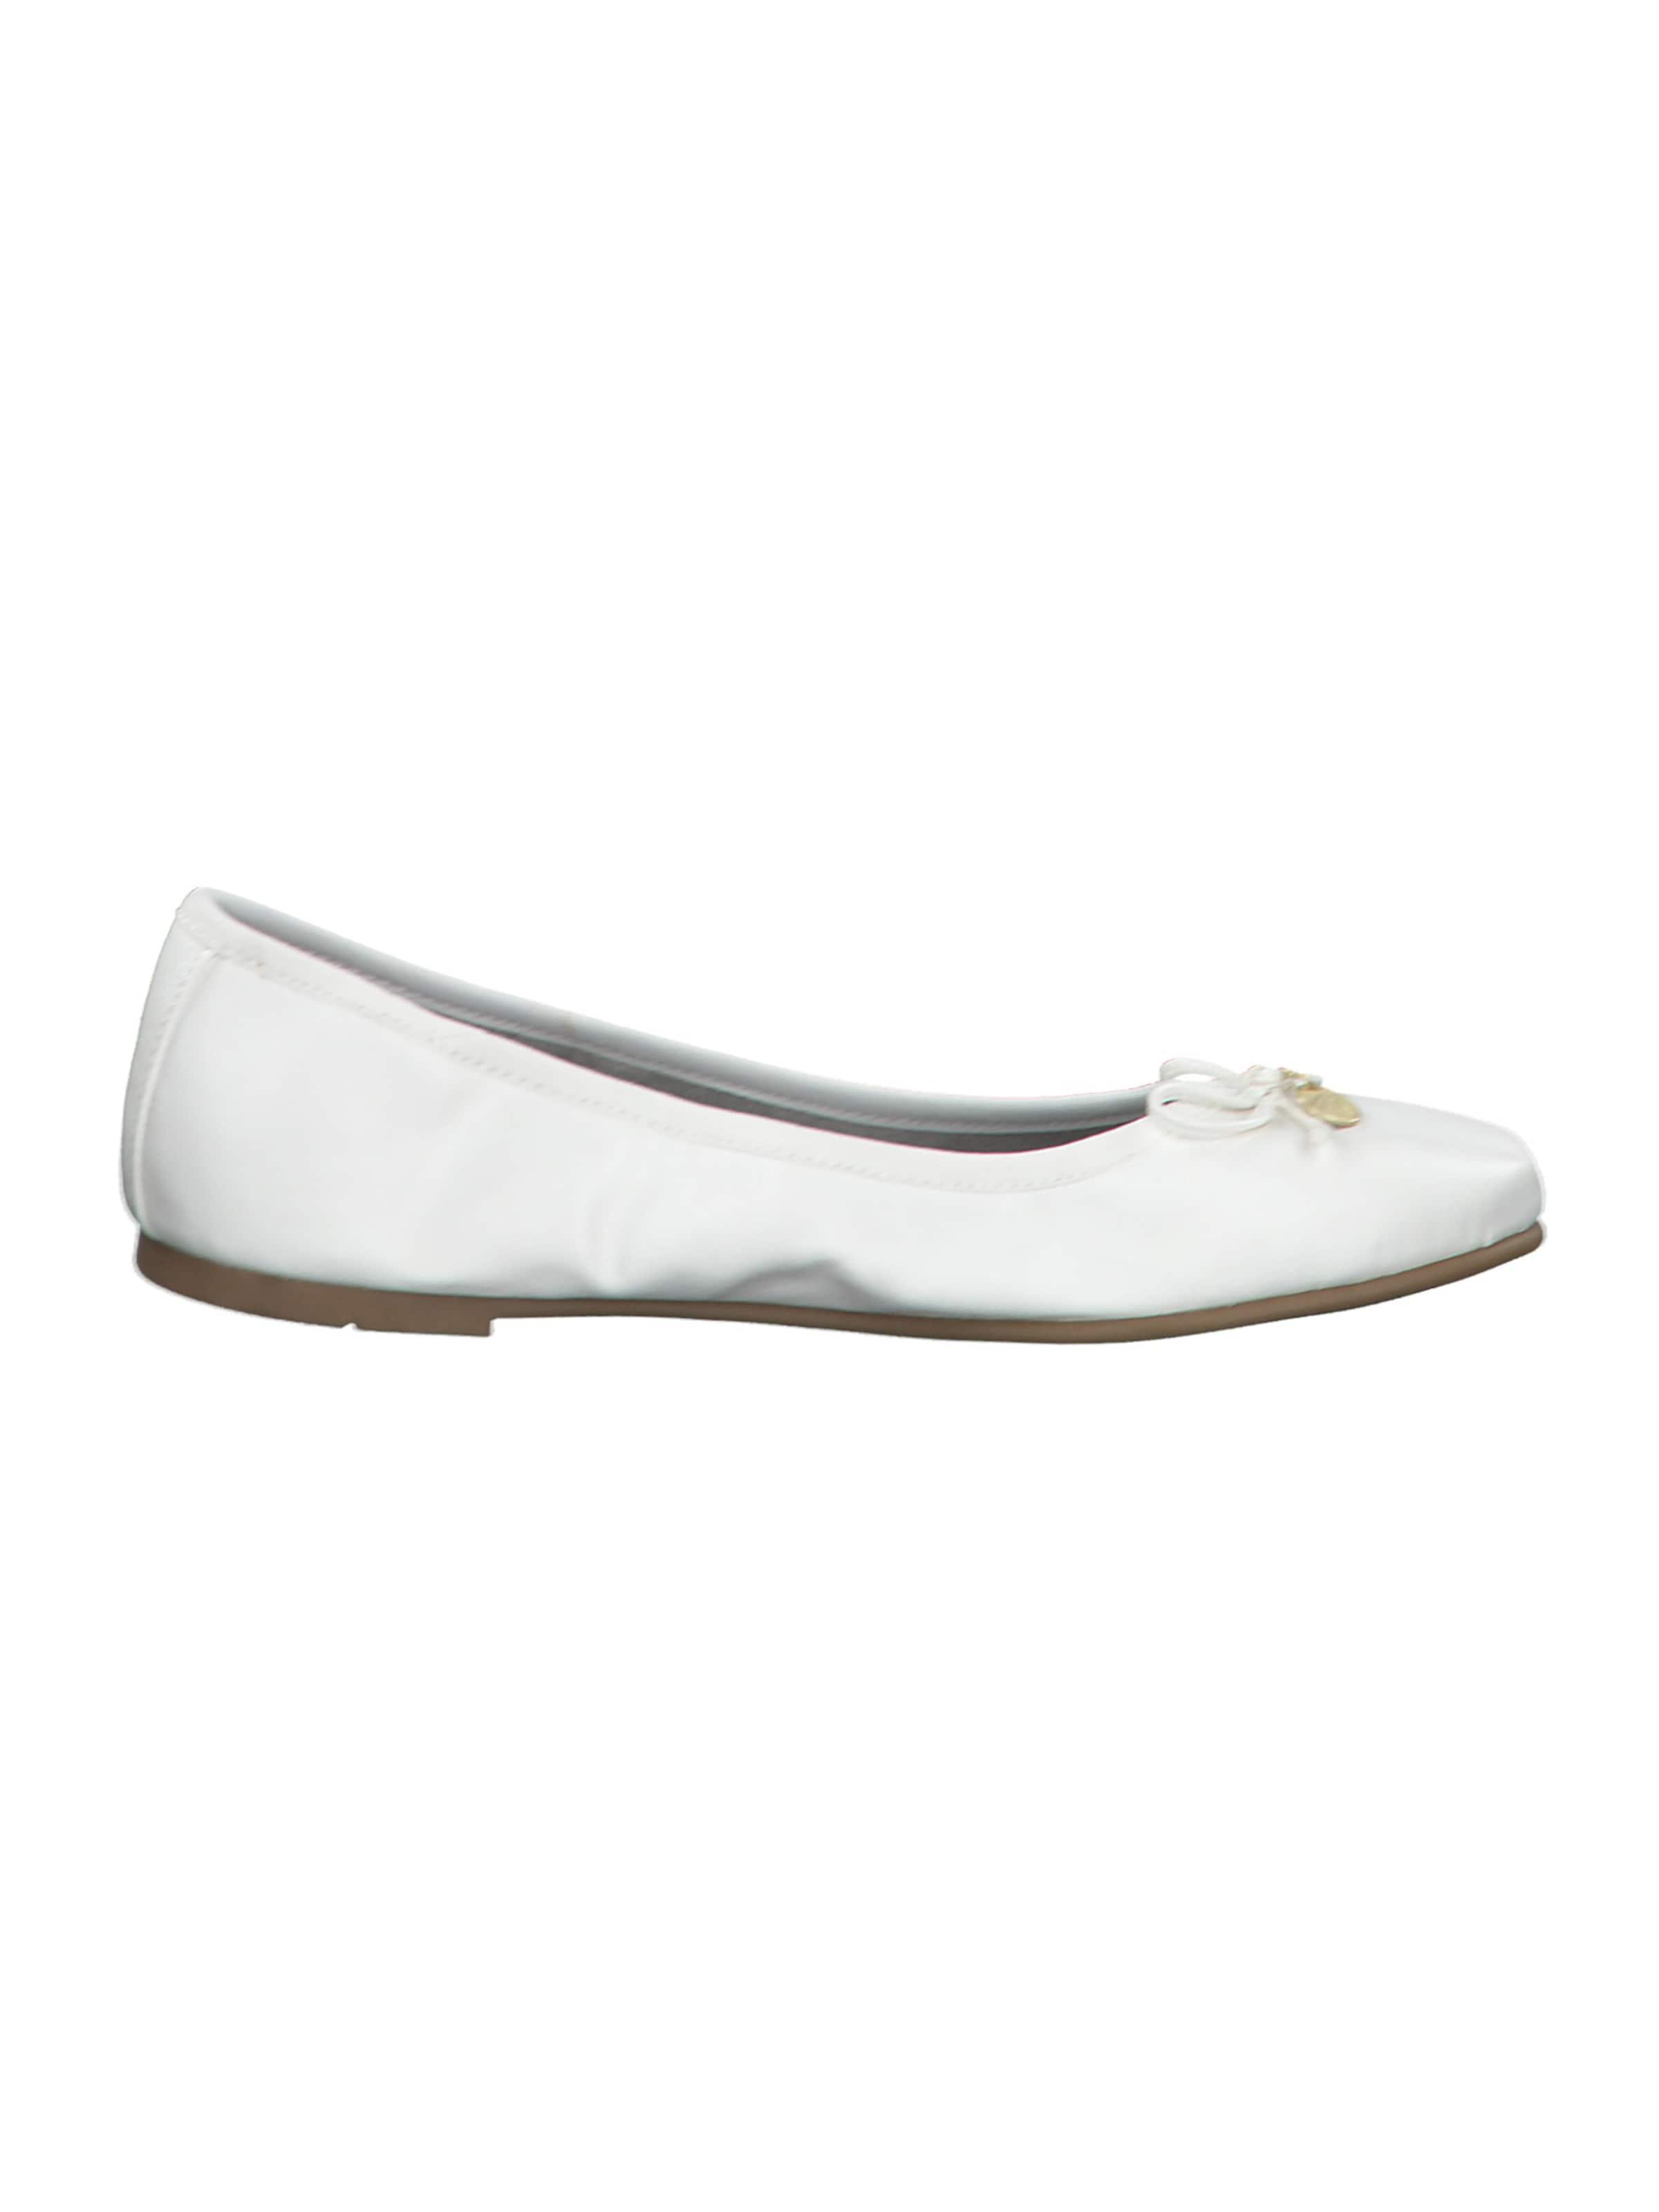 s.Oliver Ballerina in weiß